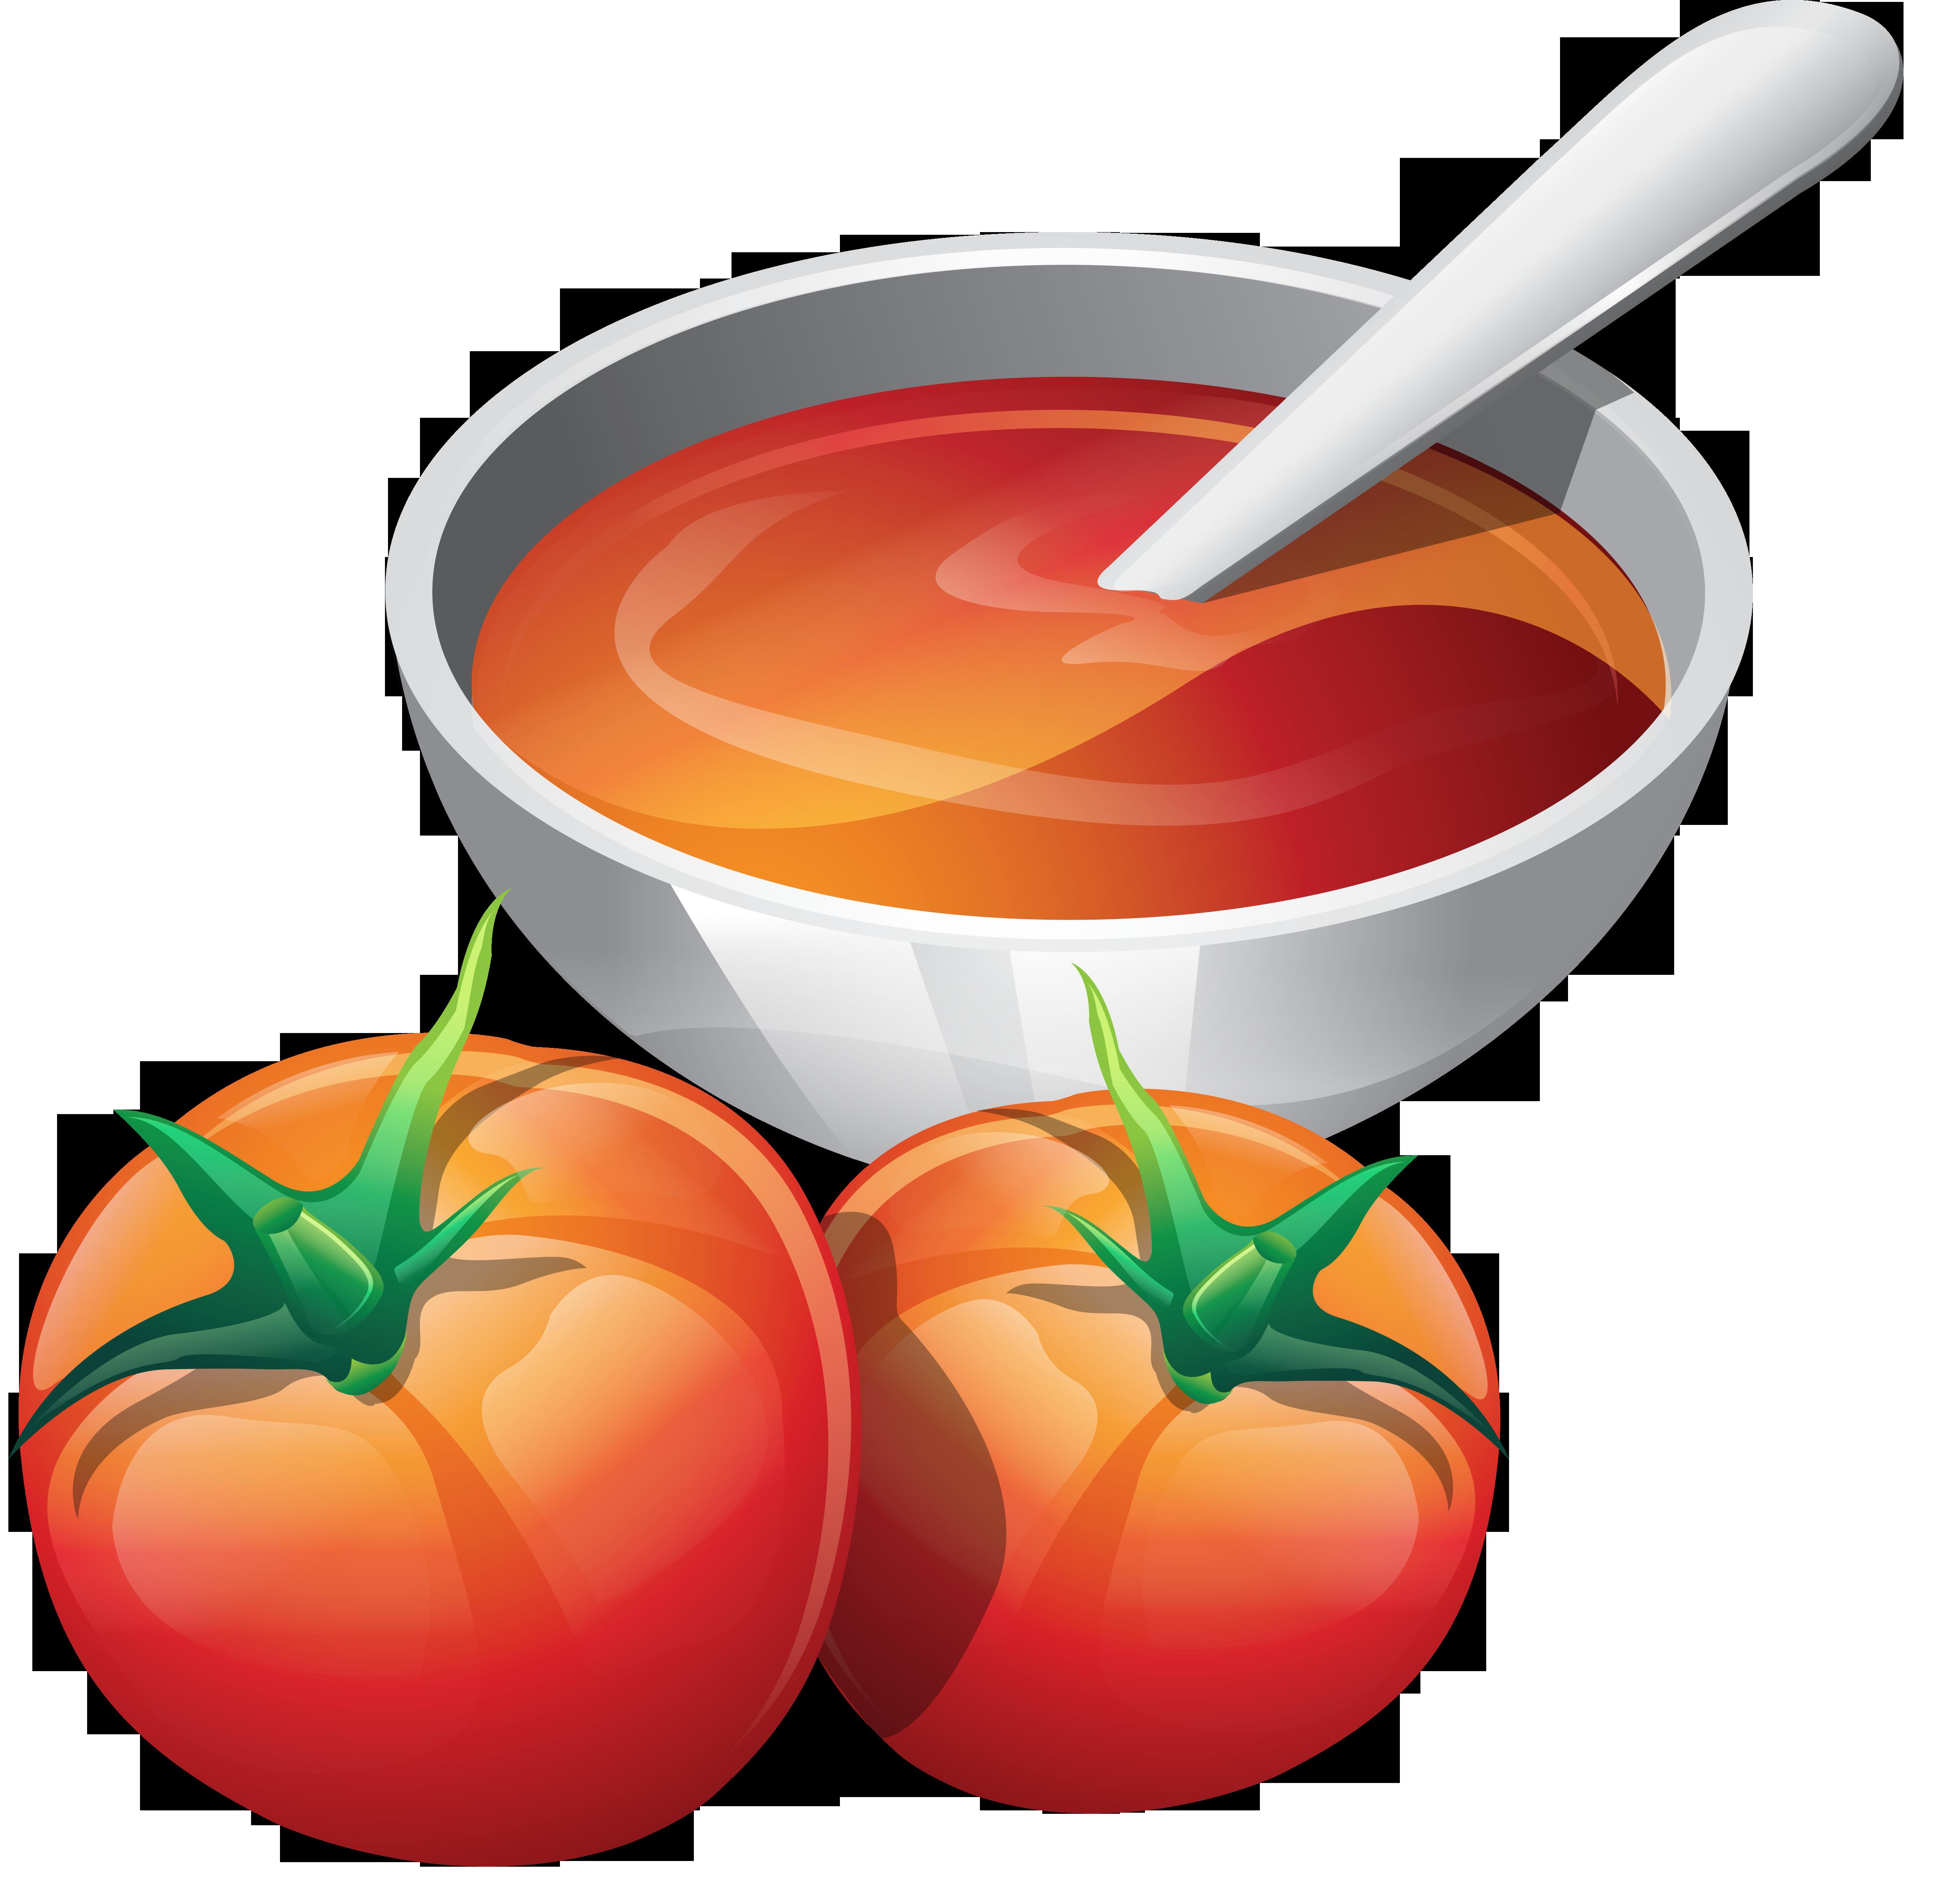 Png images free donwload. Soup clipart soup cauldron